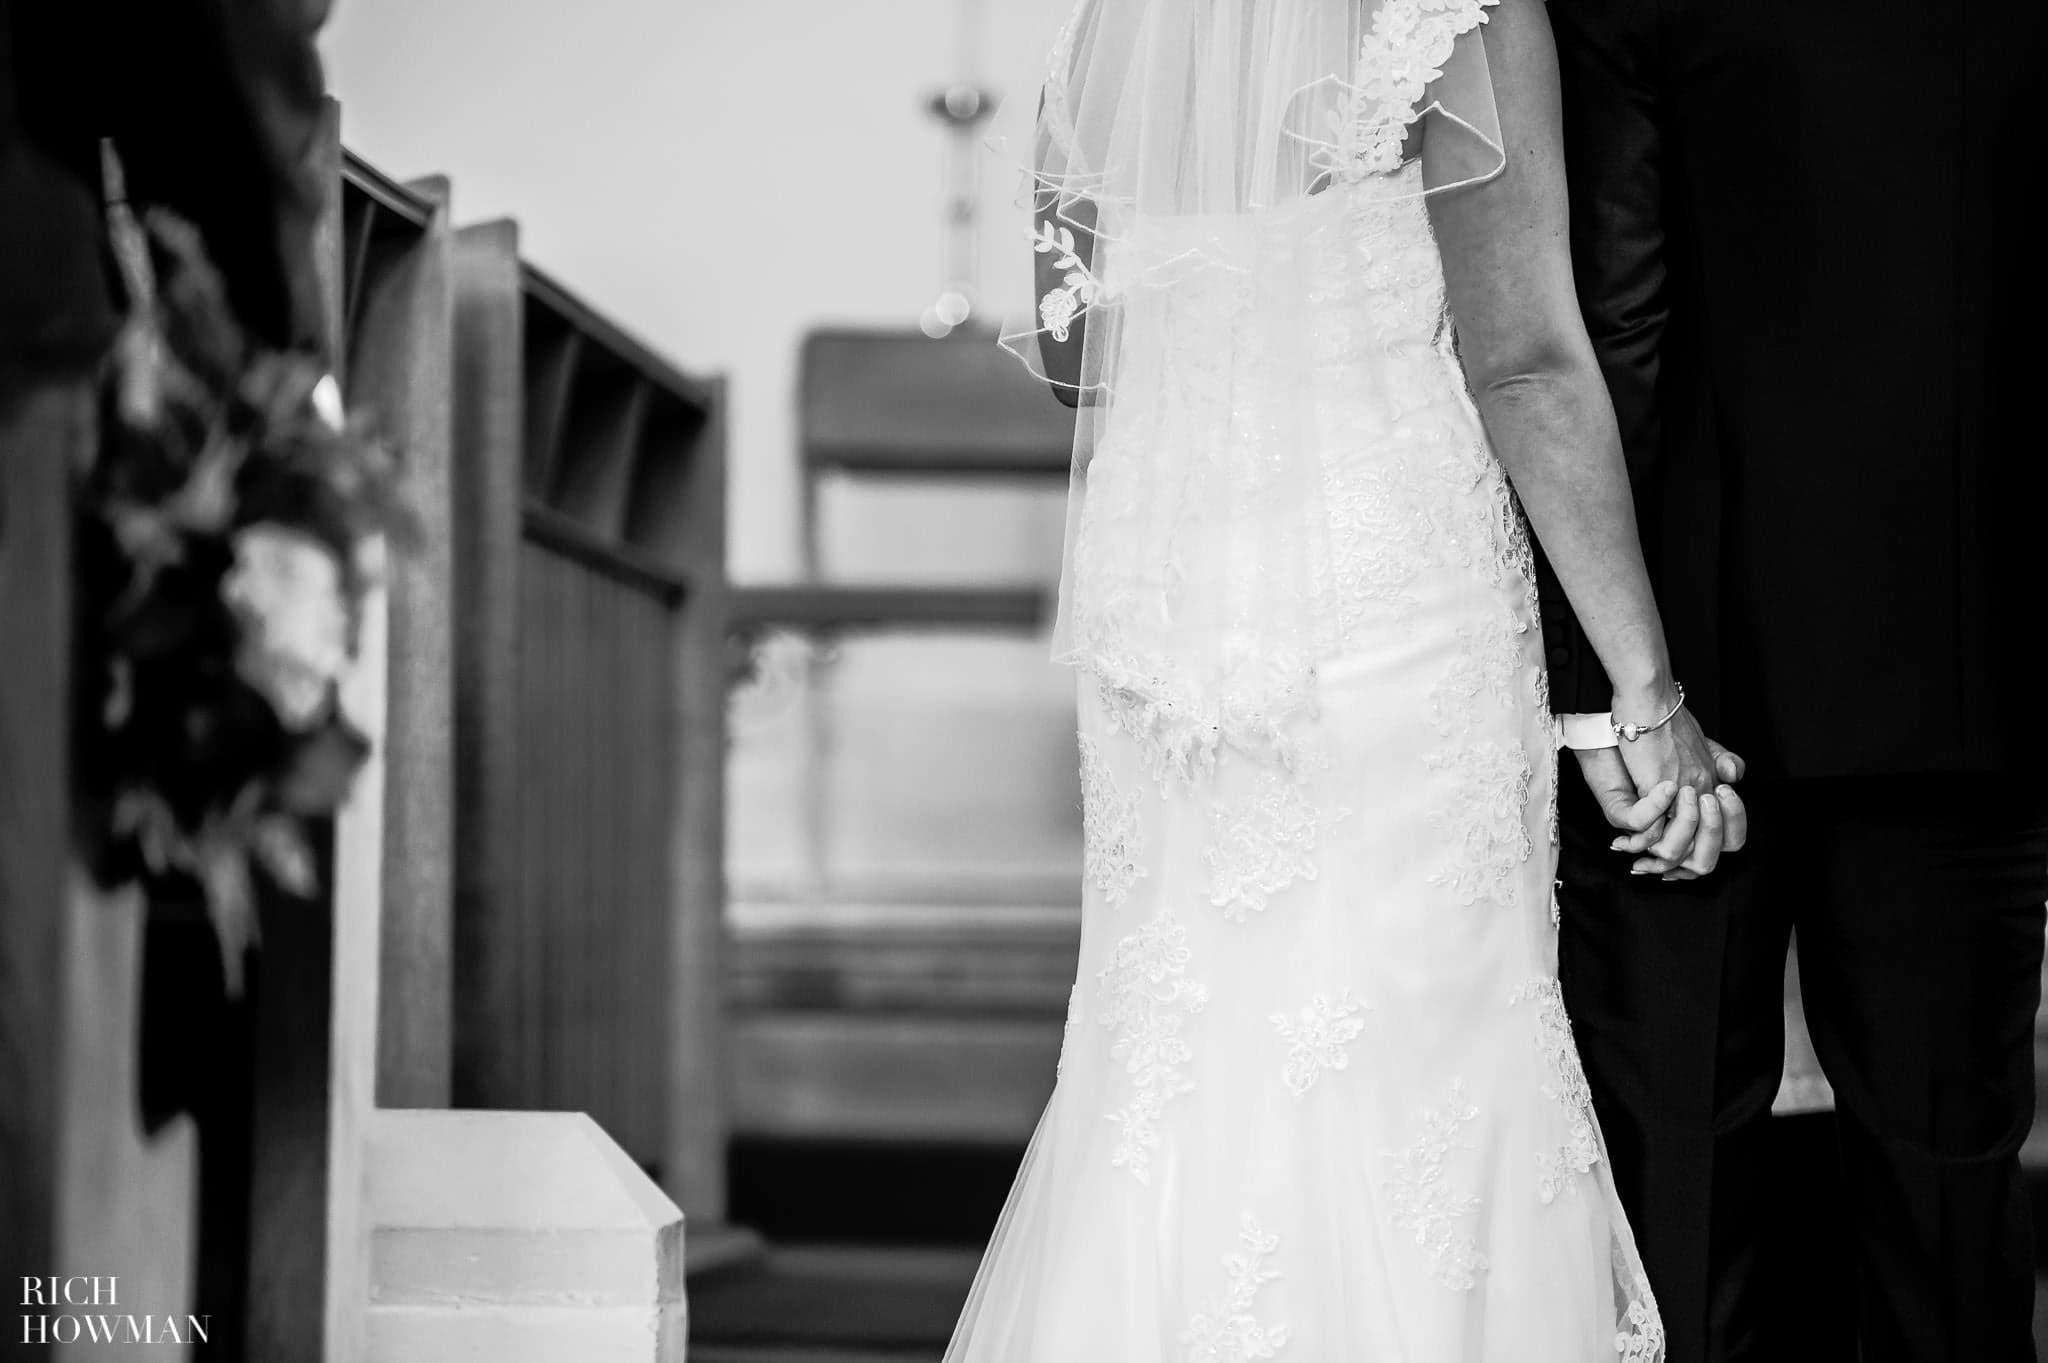 Llanerch Vineyard Wedding Photography by Rich Howman 30